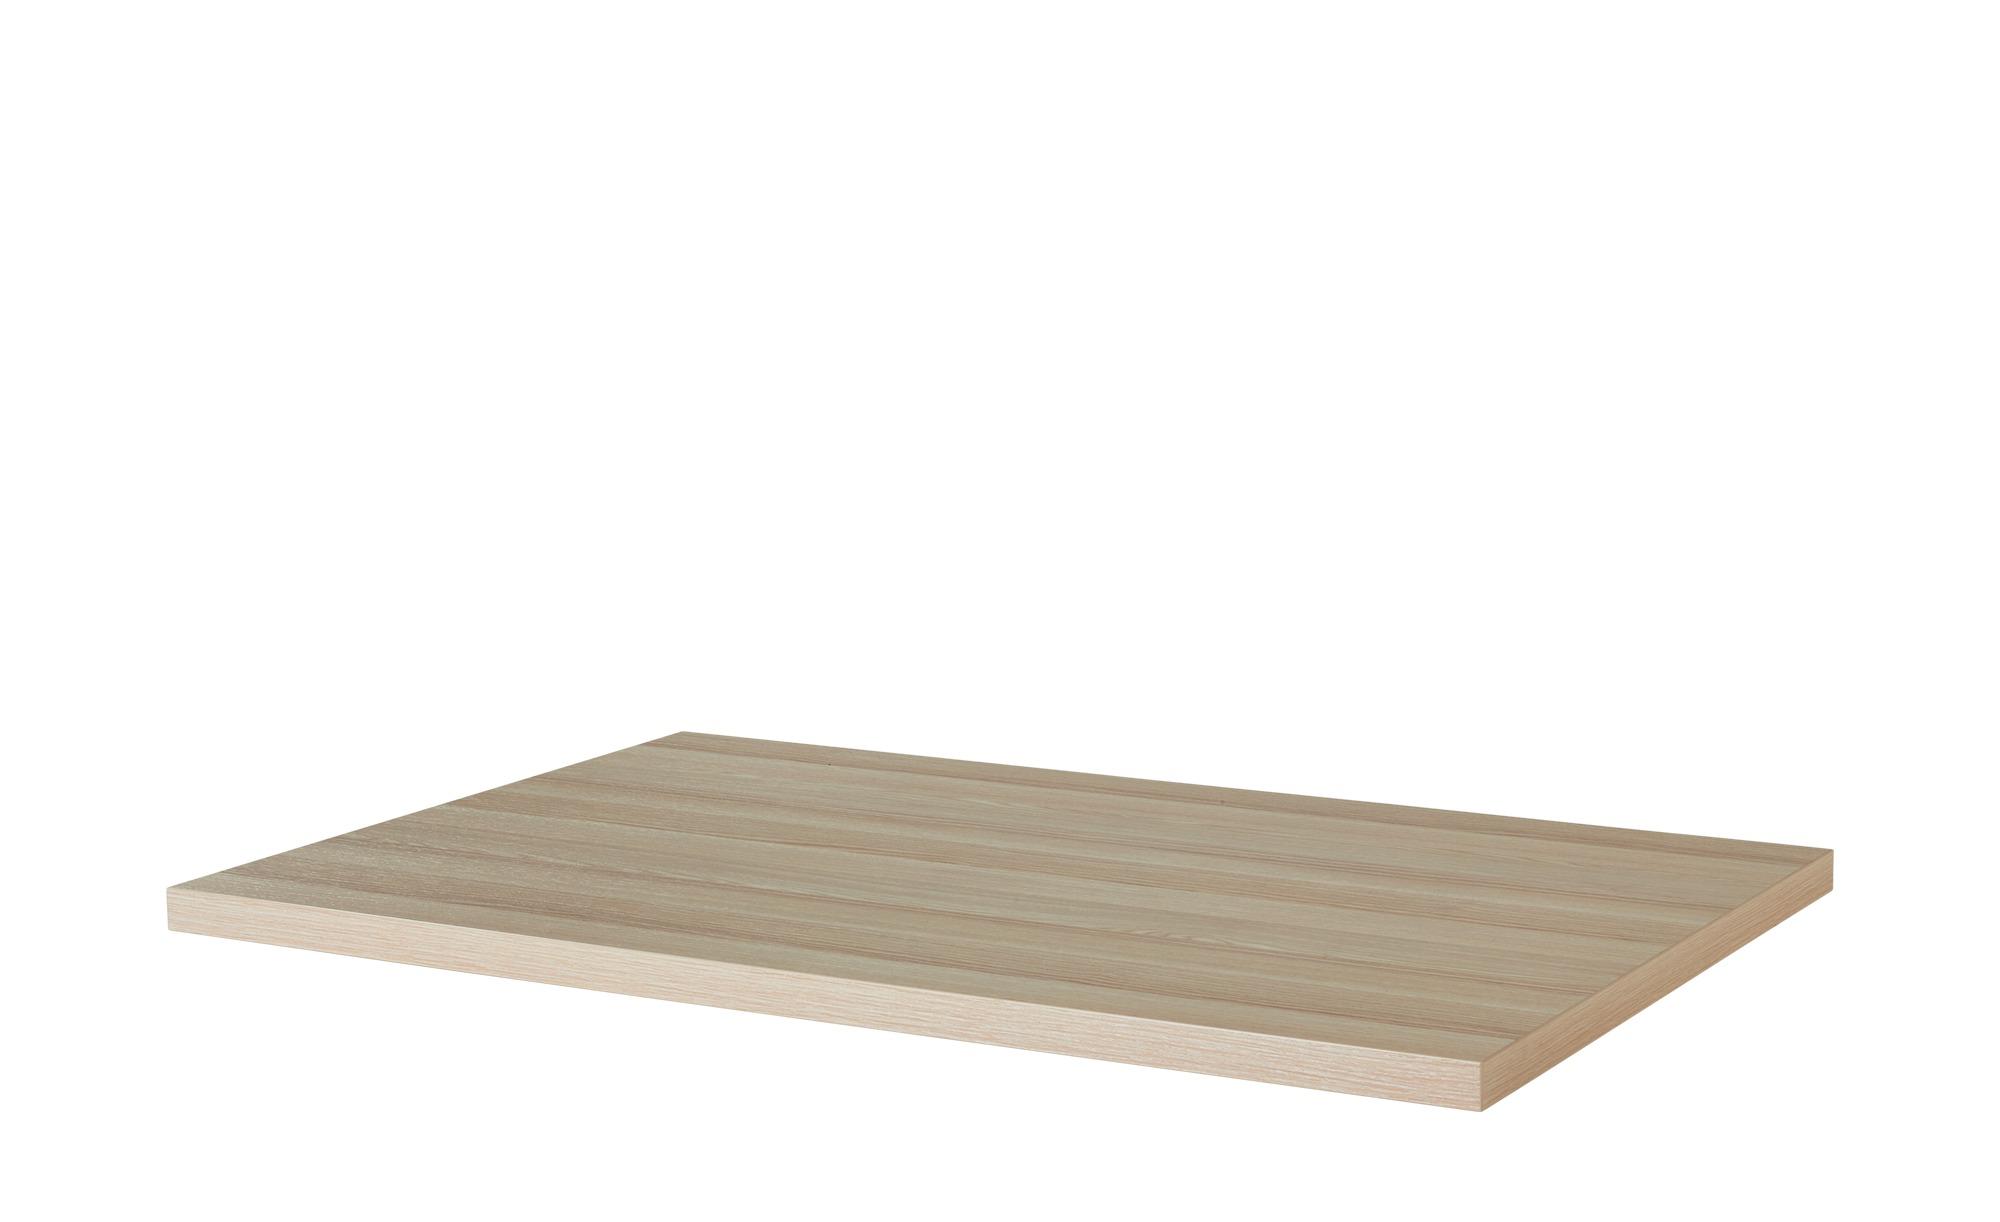 Schreibtischplatte  Rhein ¦ holzfarben ¦ Maße (cm): B: 150 H: 3,5 T: 80 Tische > Tischplatten - Höffner